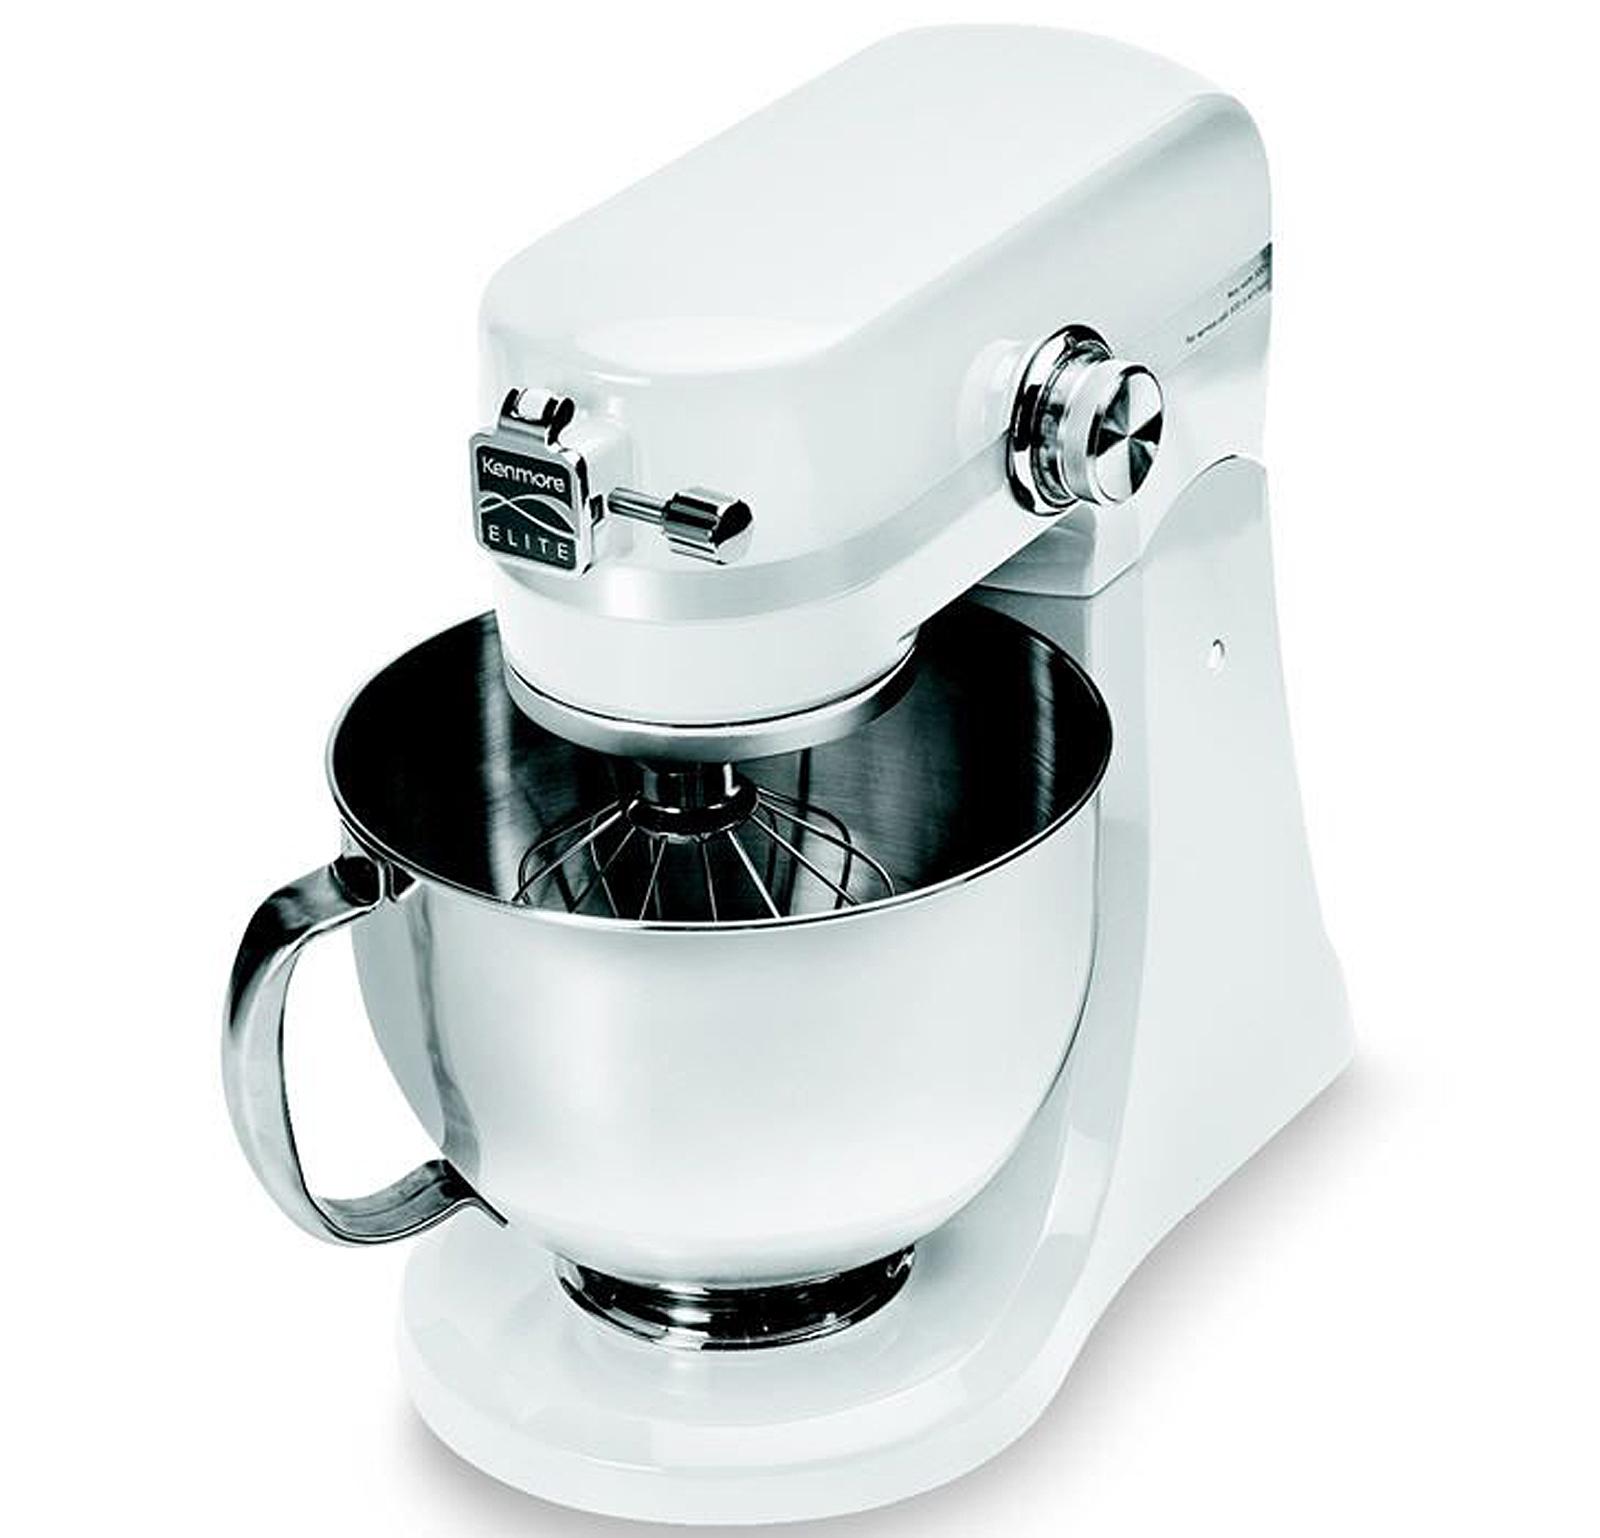 Kenmore Elite® 5 Qt. 400 Watt White Stand Mixer